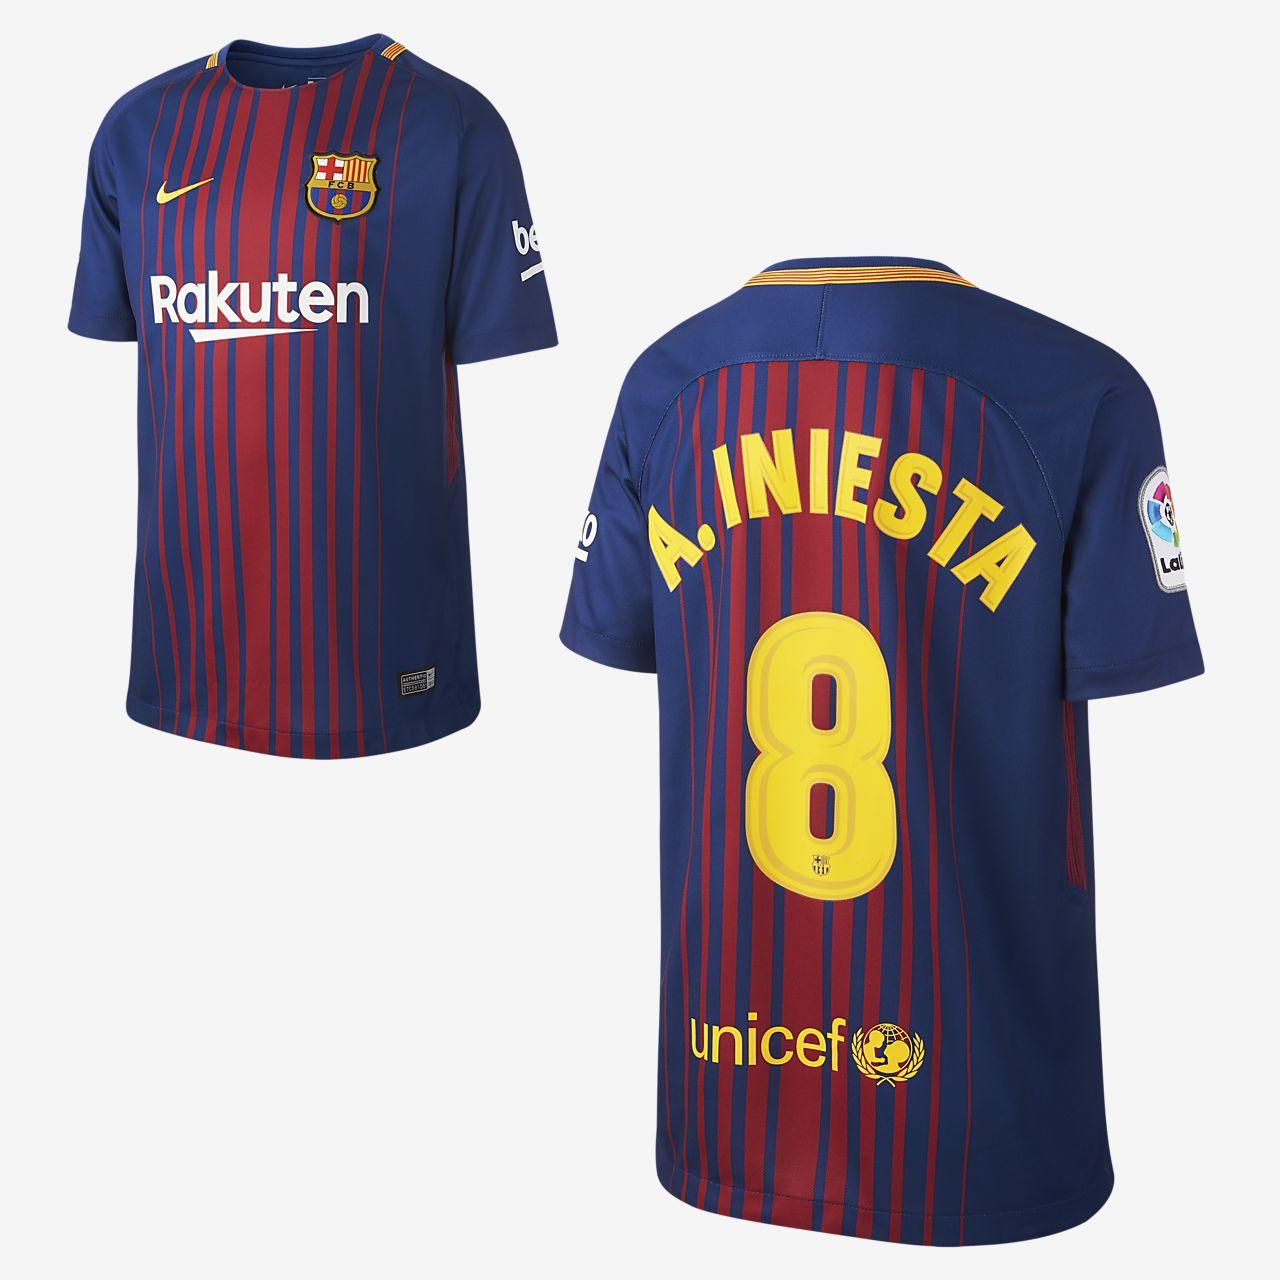 Camiseta de fútbol para niños talla grande de local del FC Barcelona  (Andres Iniesta) b10da897aaf